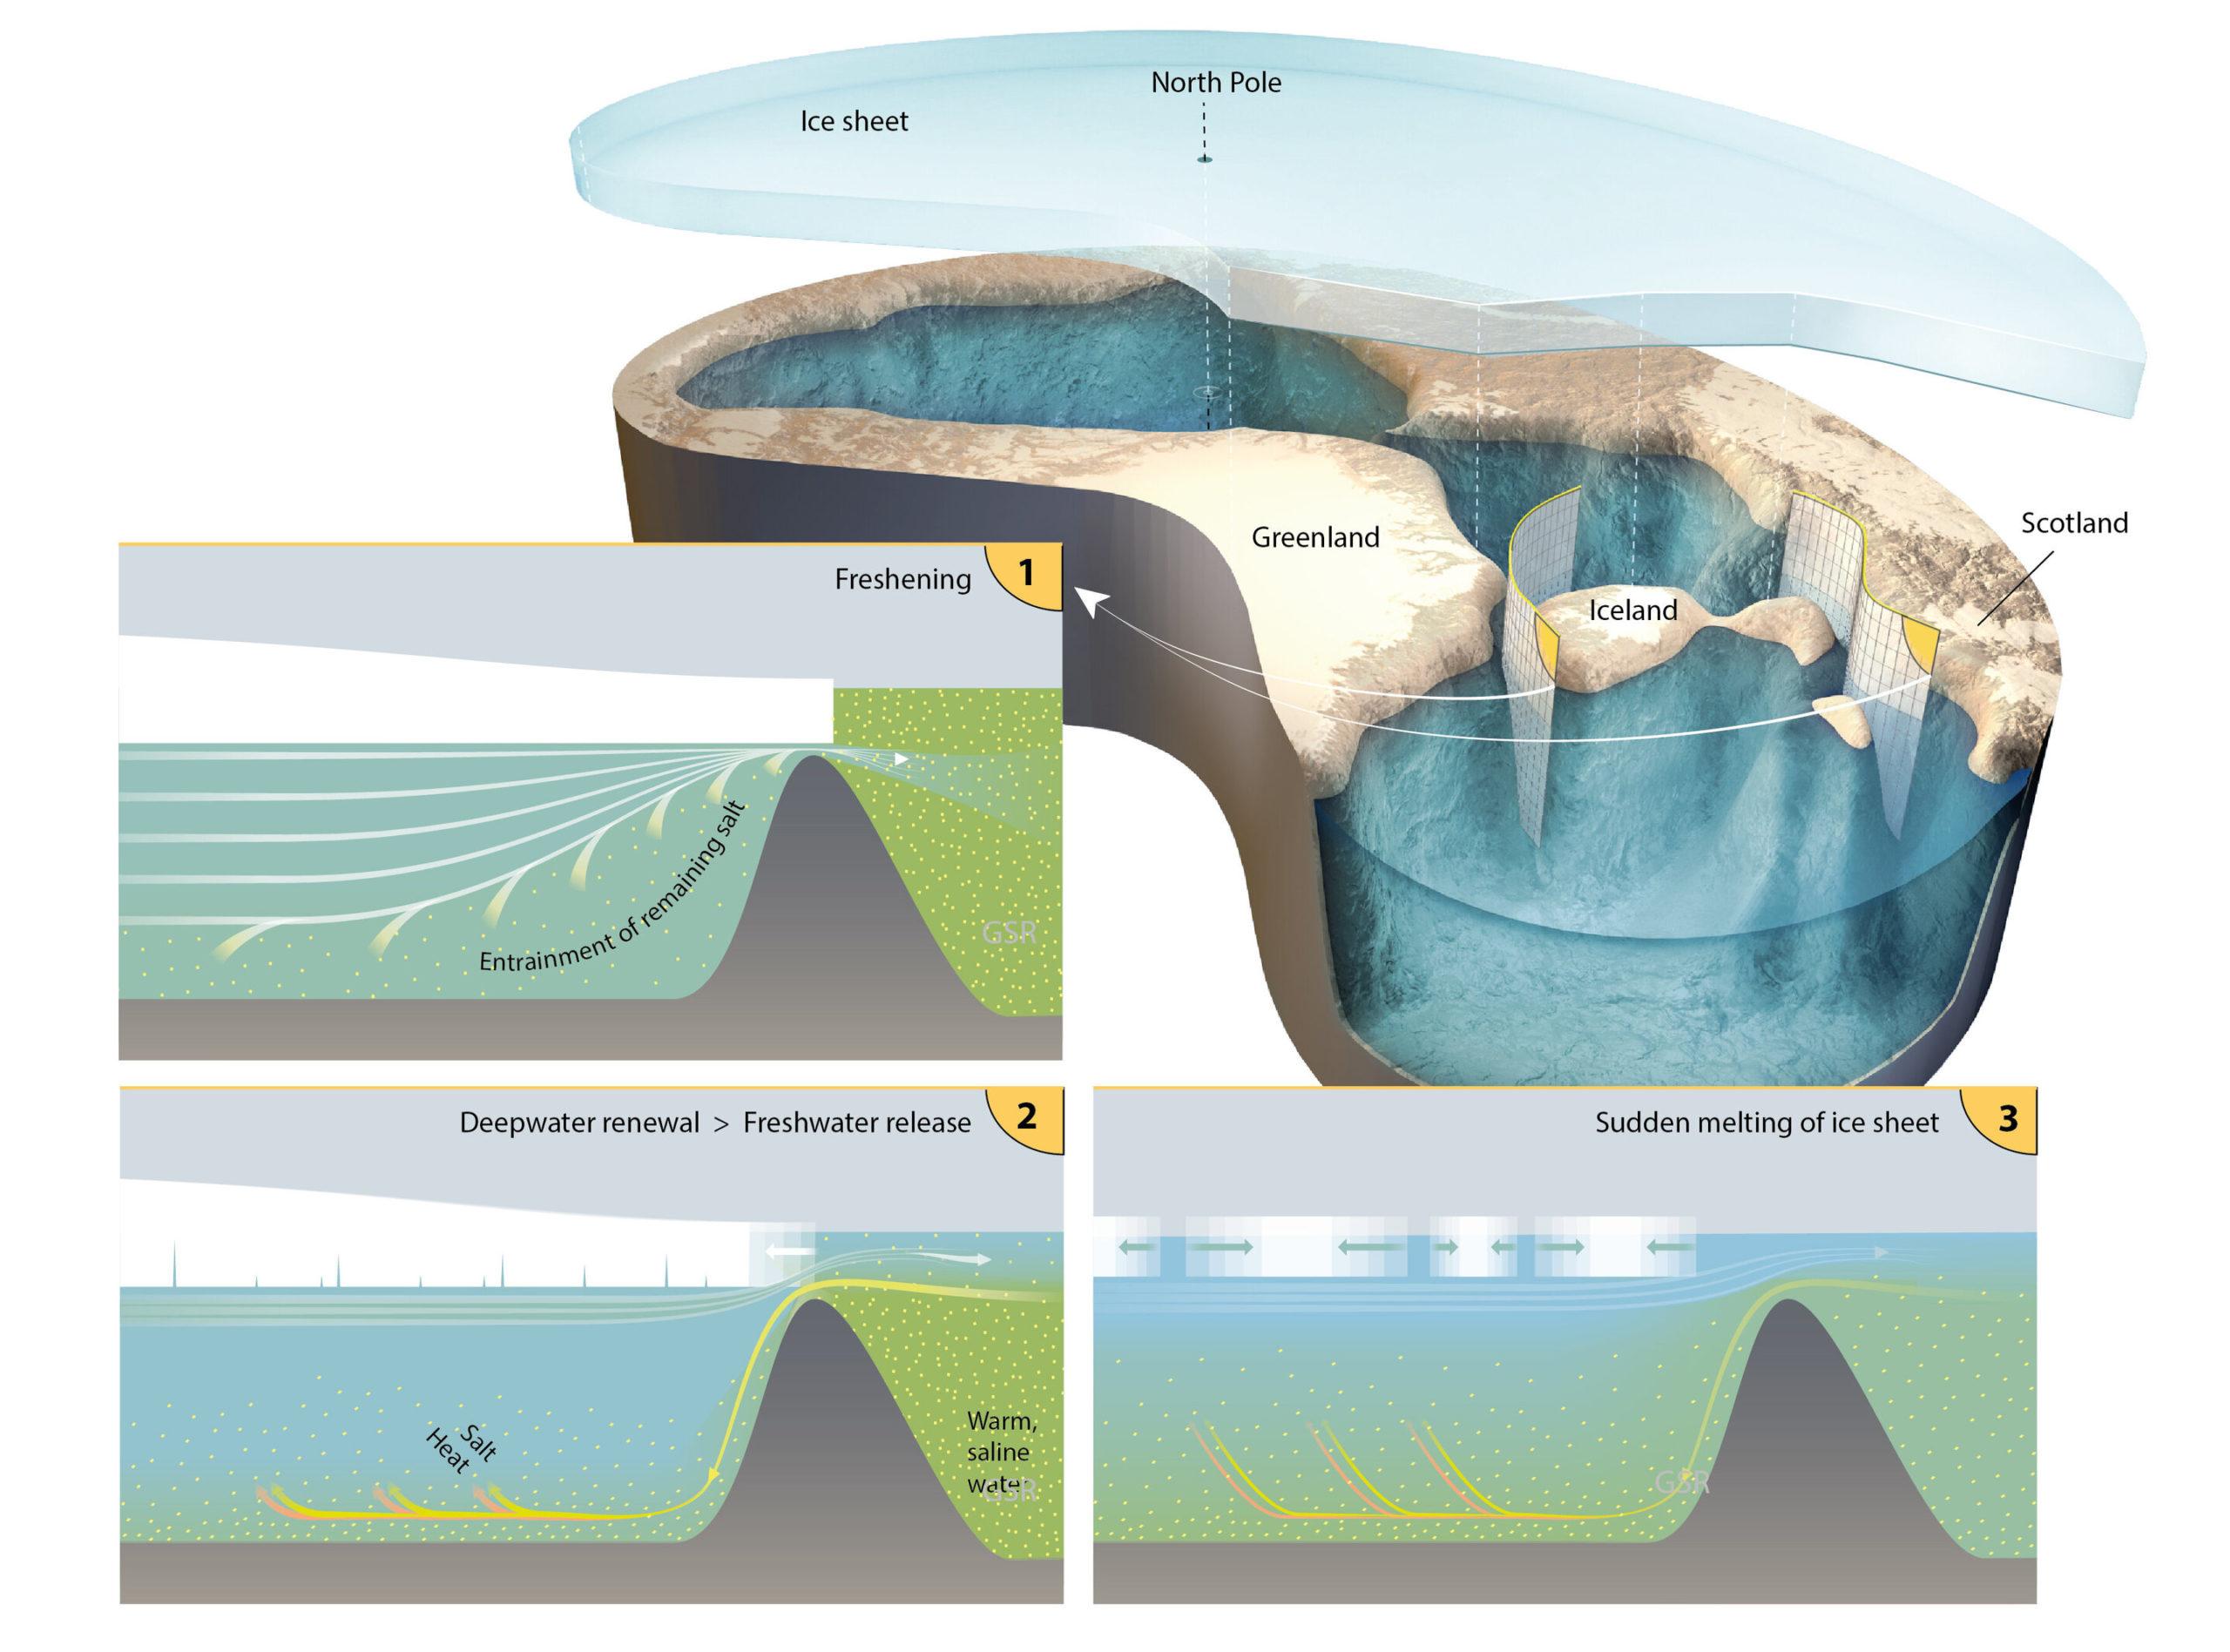 Північний Льодовитий океан 150 тис. Років тому був покритий льодом і наповнений прісною водою